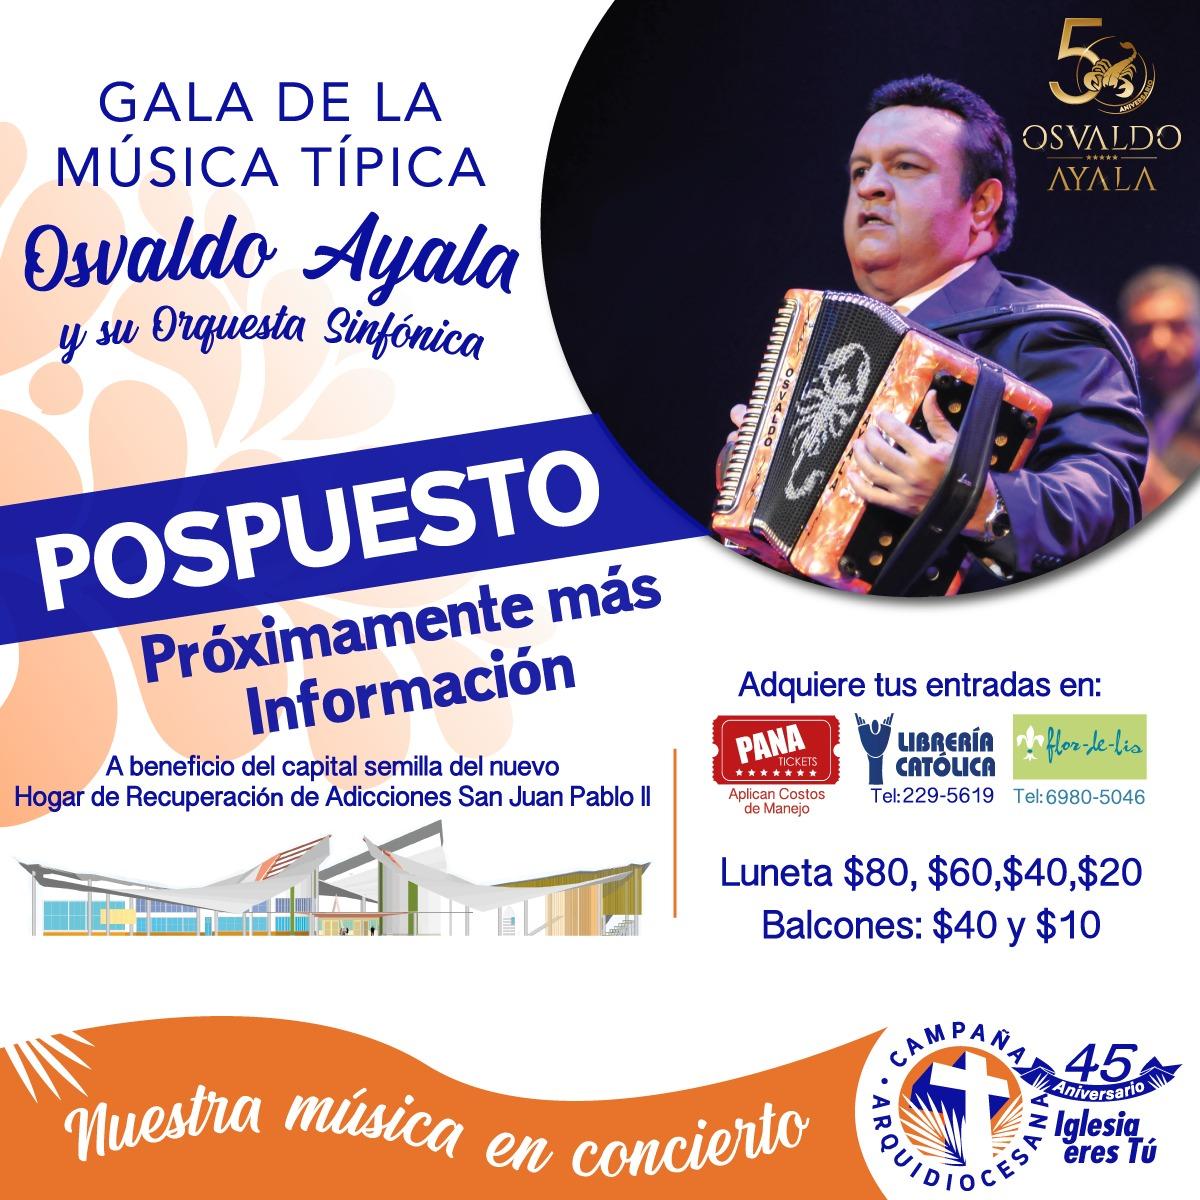 COMUNICADO - Pospuesta Gala de la Música Típica